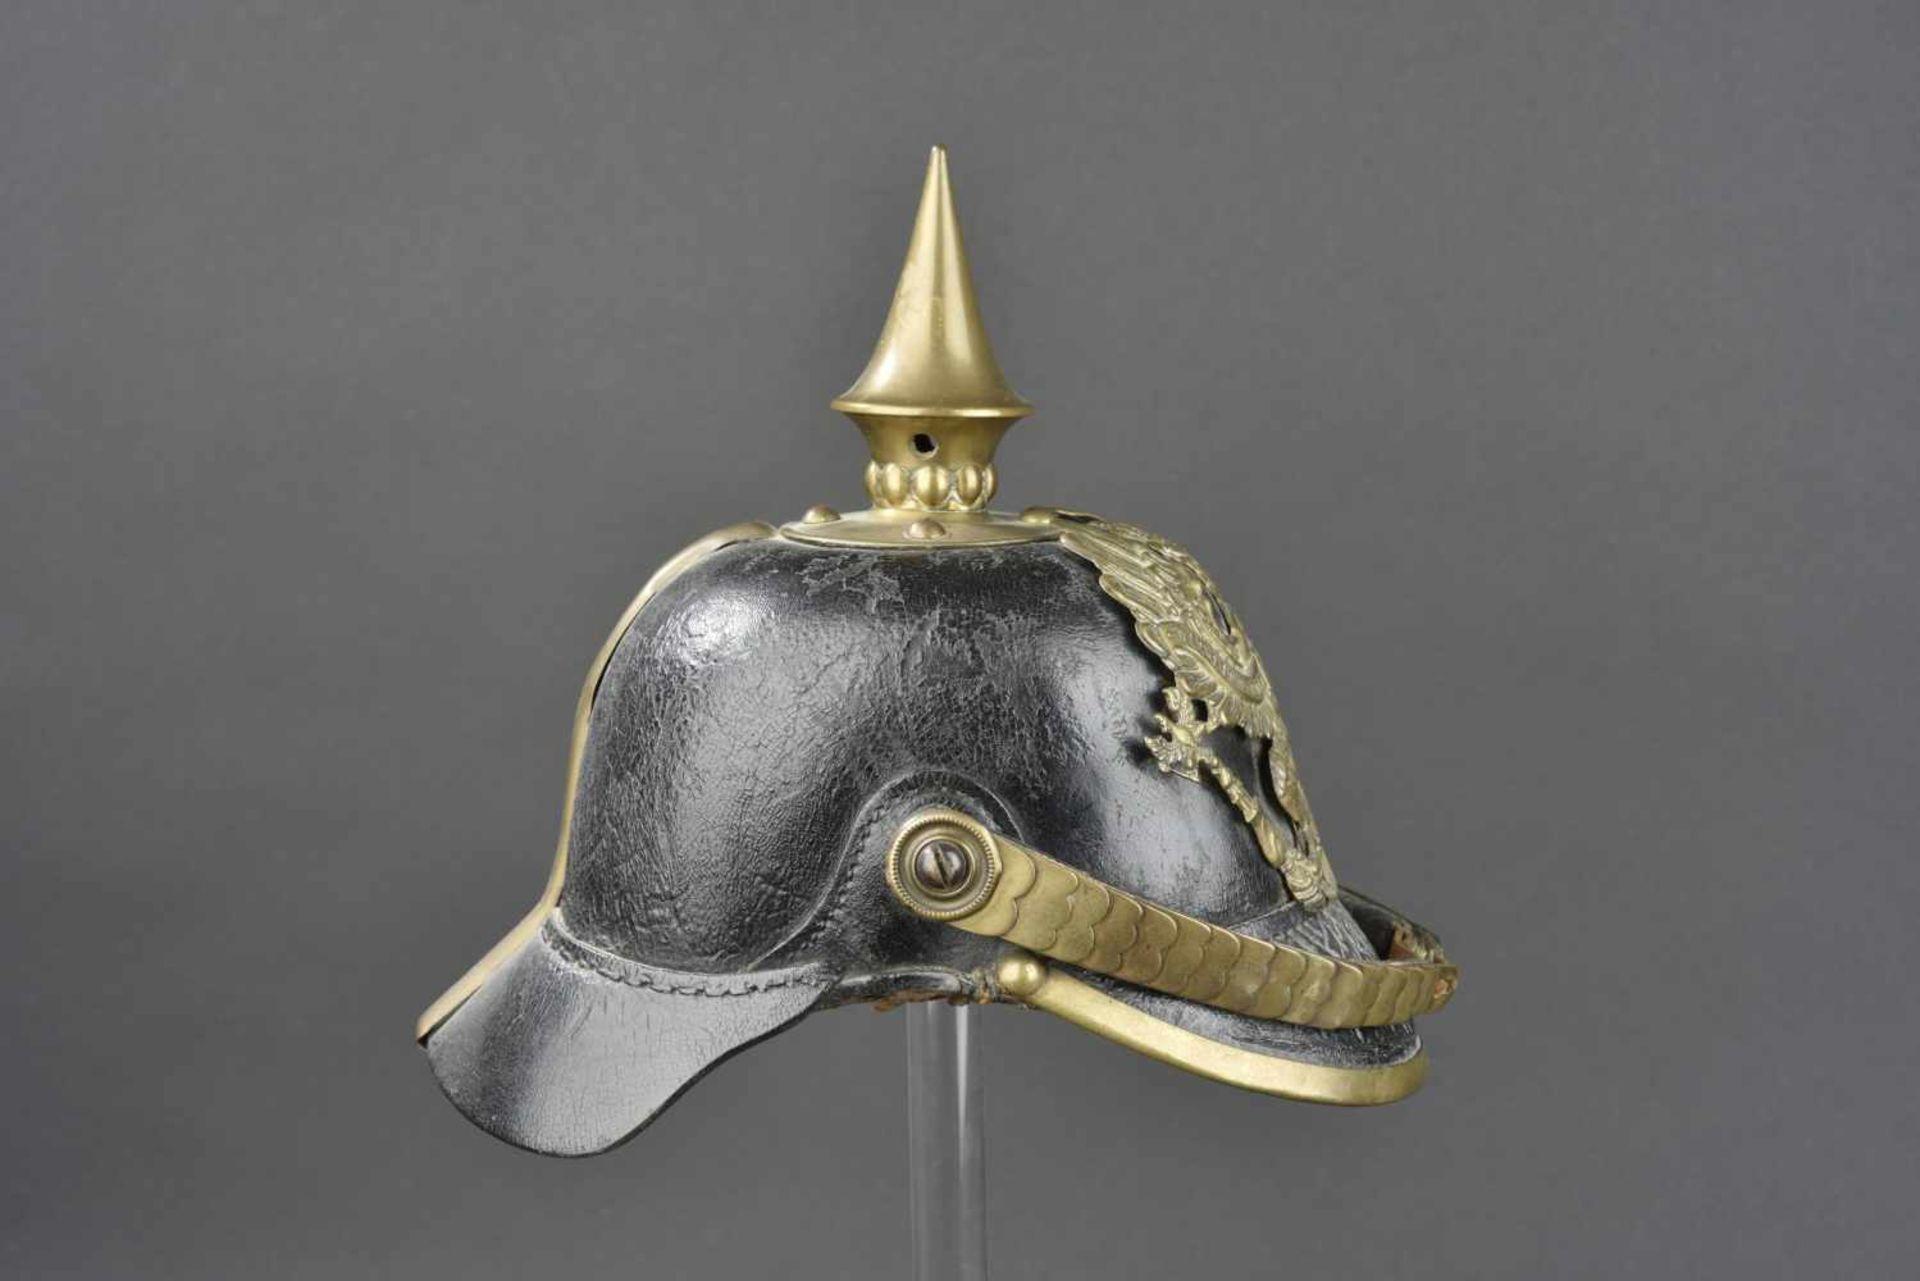 PRUSSE Casque à pointe de troupe de l'infanterie Prussienne, modèle 1867/71 Ce type de casque a - Bild 4 aus 4